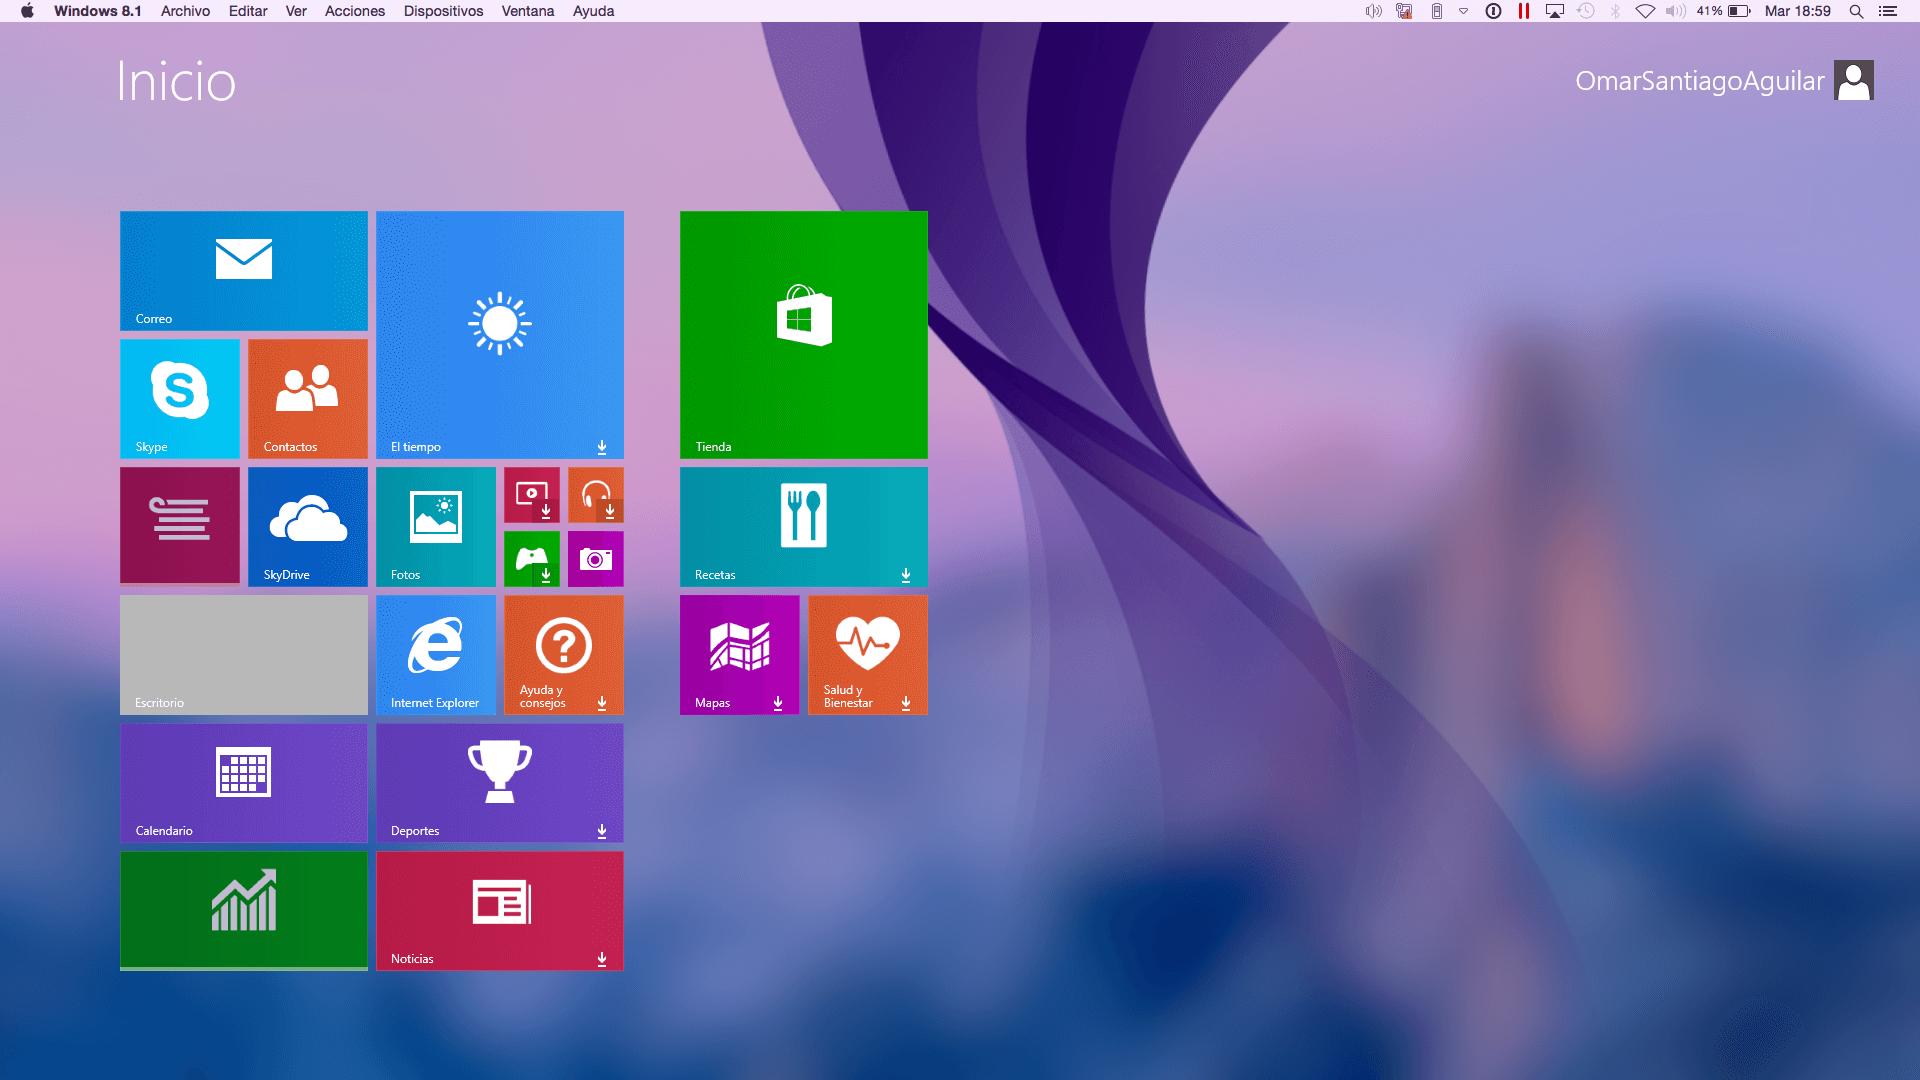 Captura de pantalla 2015-04-14 a las 18.59.02